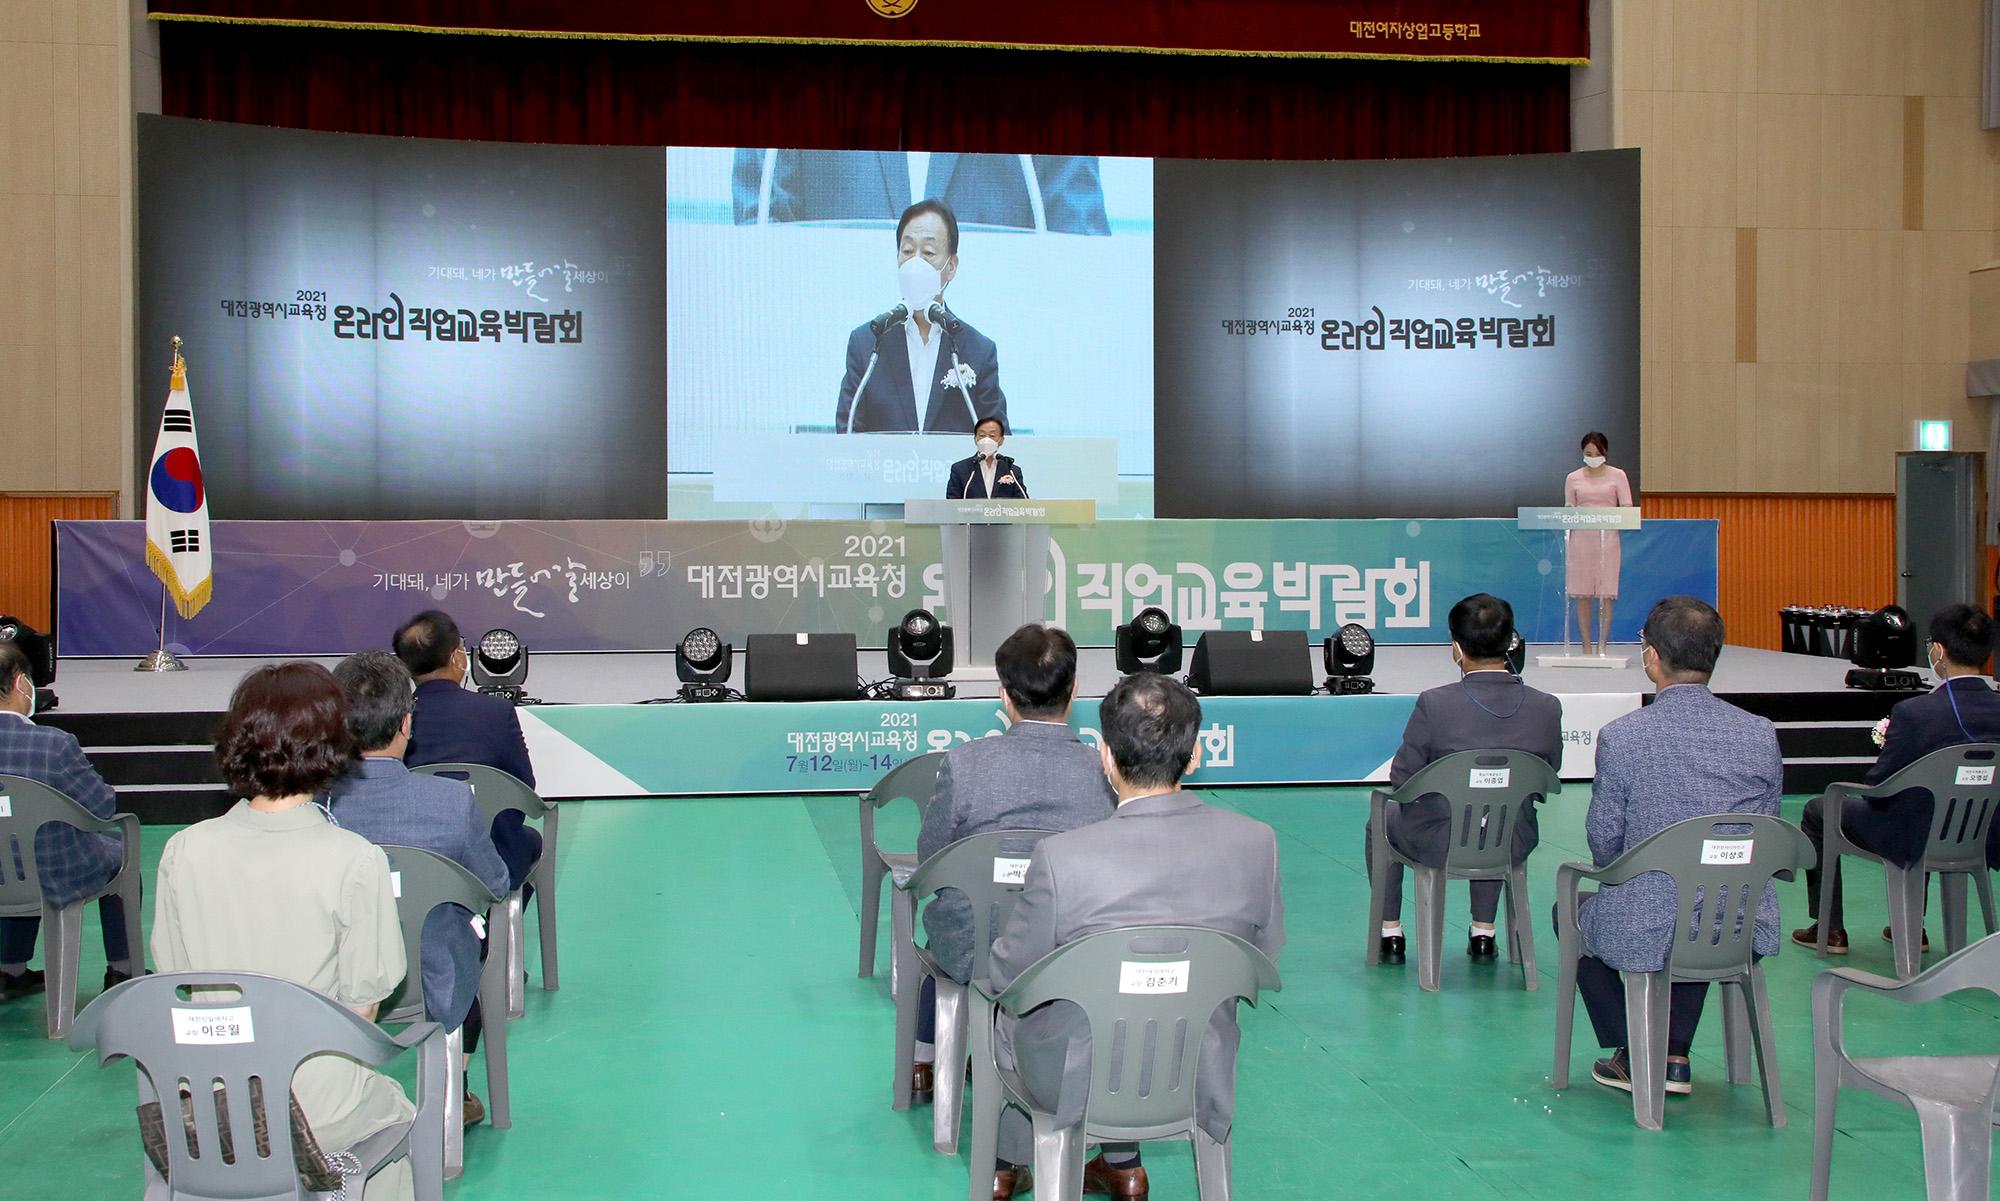 [대전]대전교육청, 온라인 직업교육 박람회 개최